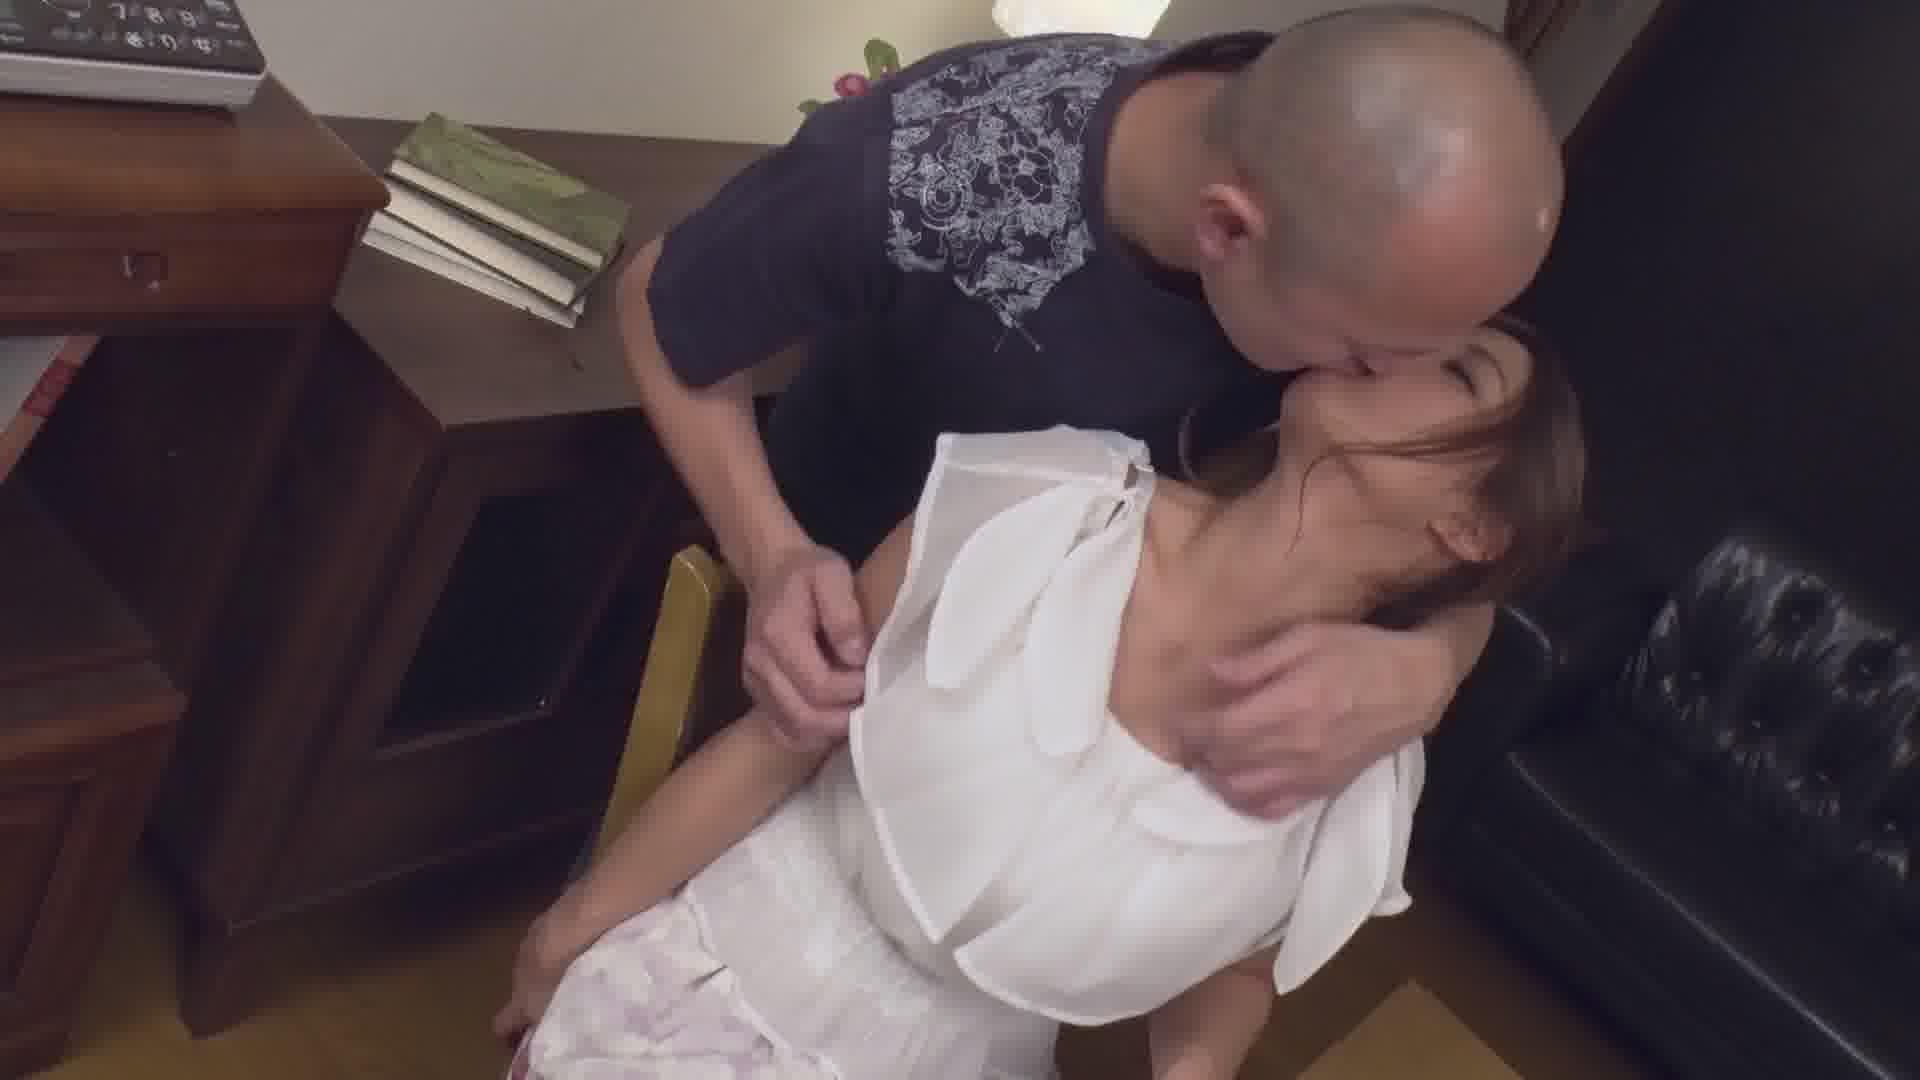 亜美を手懐ける ~スペインアナルも可愛がってやるからな~ - 亜美【巨乳・アナル・ハード系】